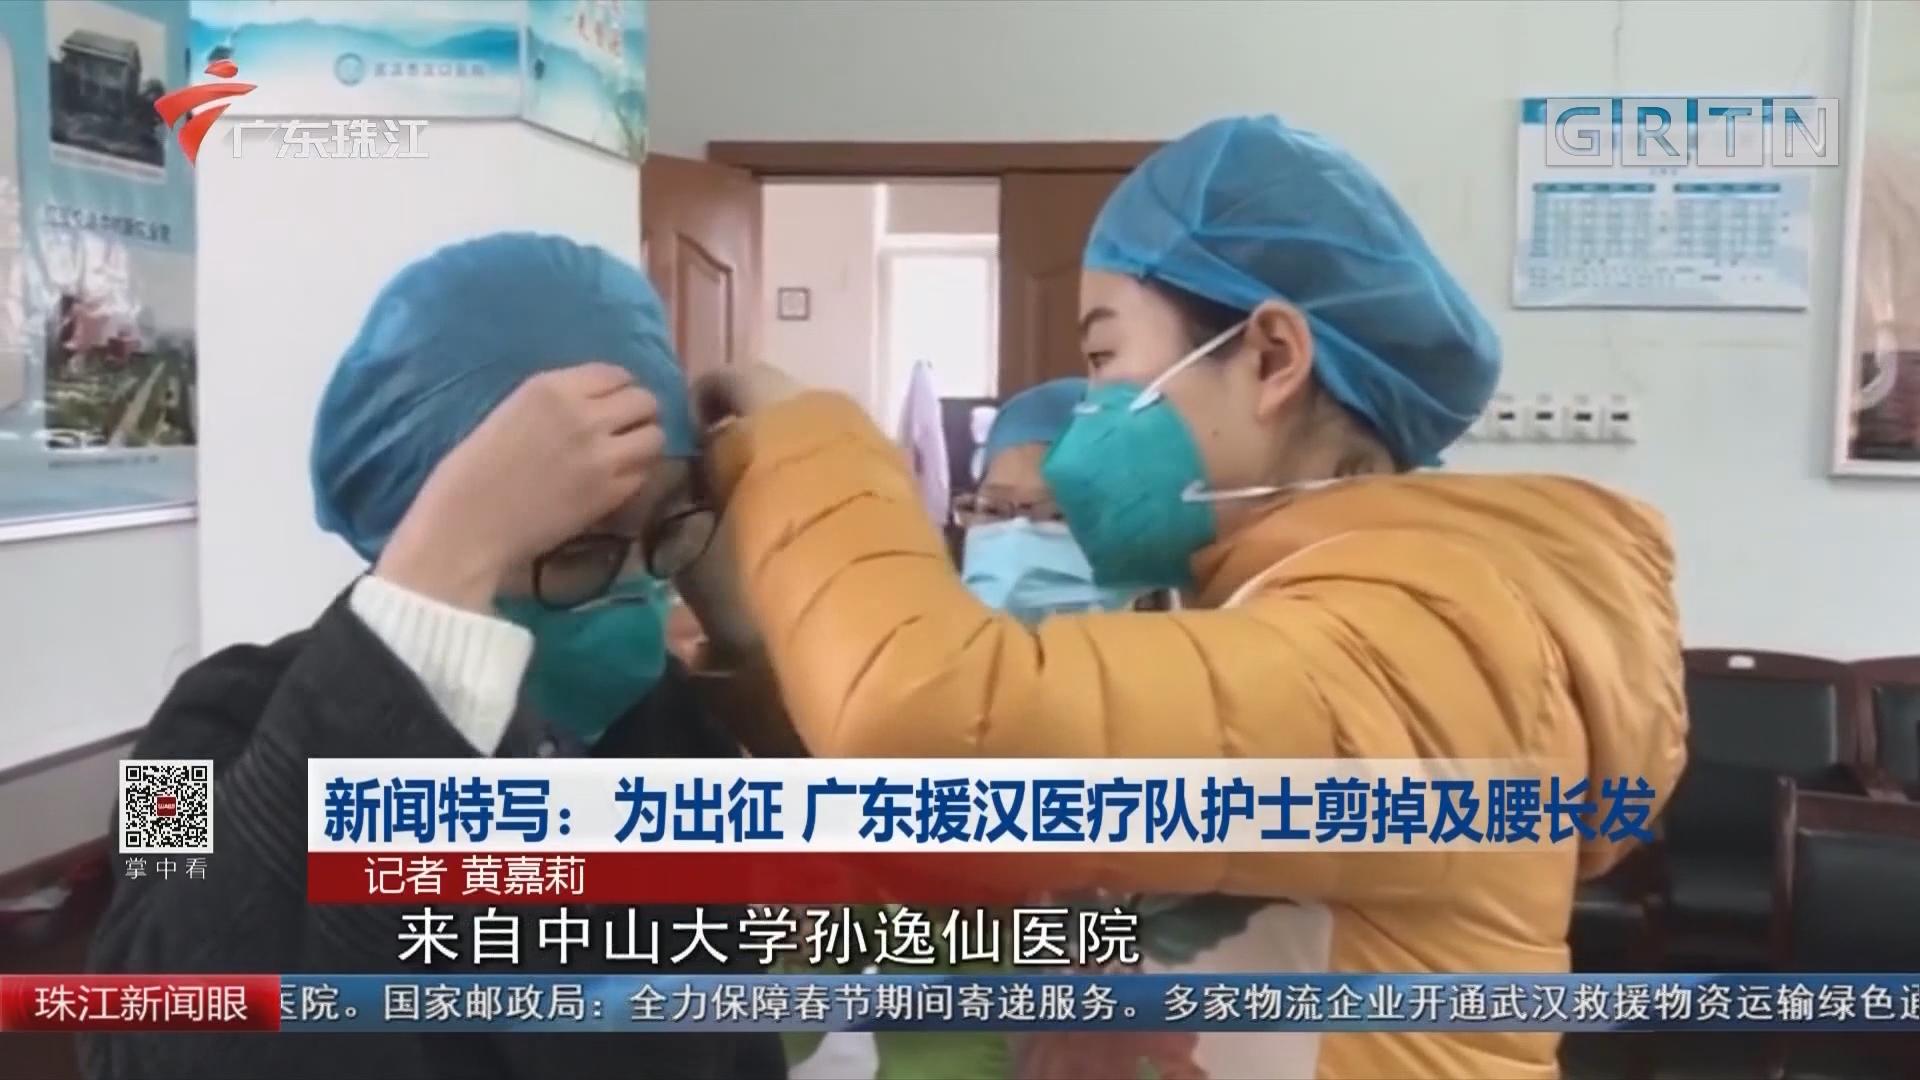 新闻特写:为出征 广东援汉医疗队护士剪掉及腰长发